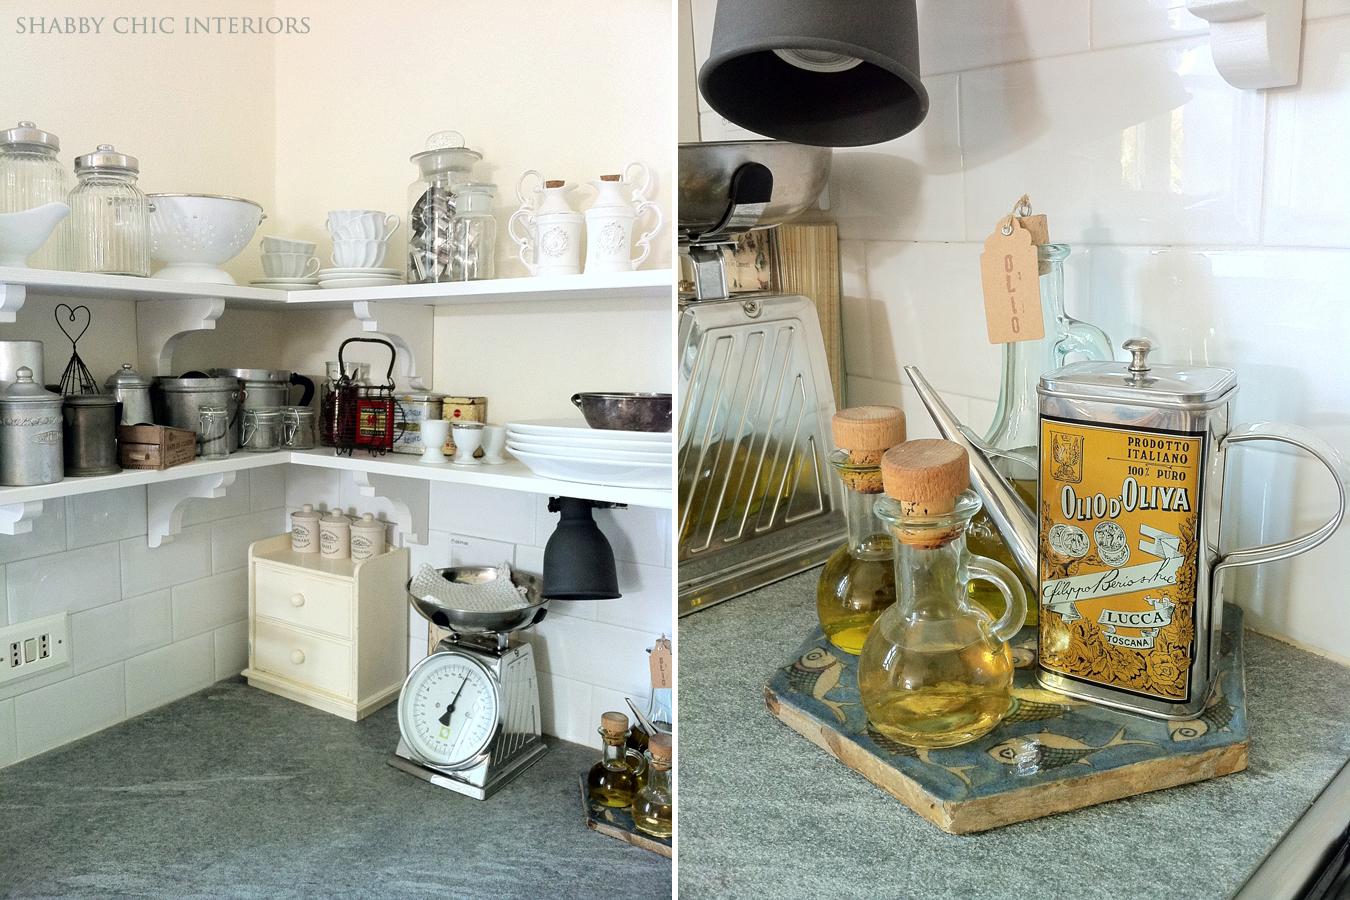 Dettagli in cucina shabby chic interiors - Mensole da cucina ...